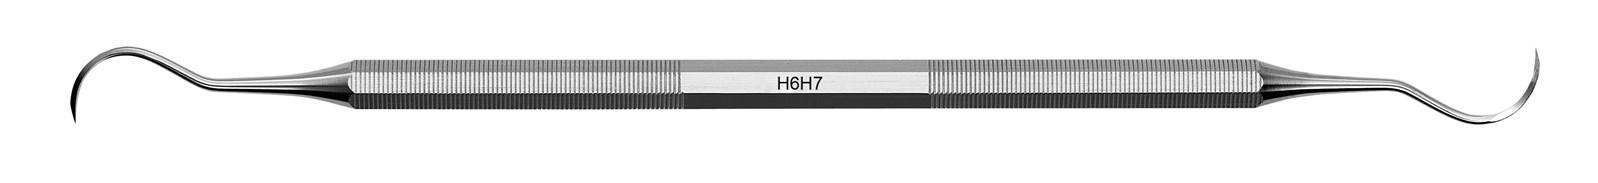 Scaler univerzální - H6H7, ADEP tmavě zelený